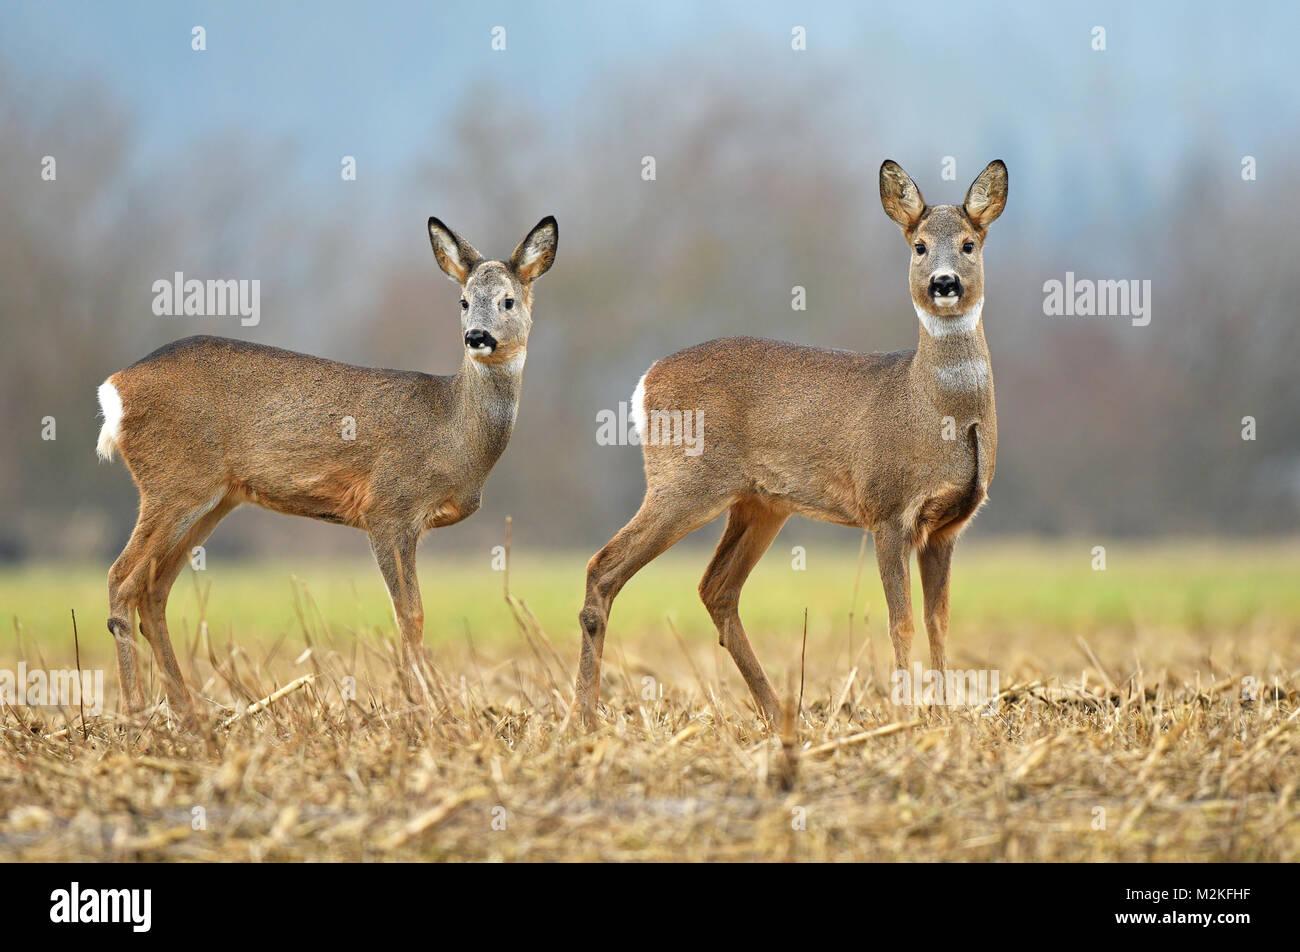 Zwei wilde Rehe s in einem Feld Stockbild